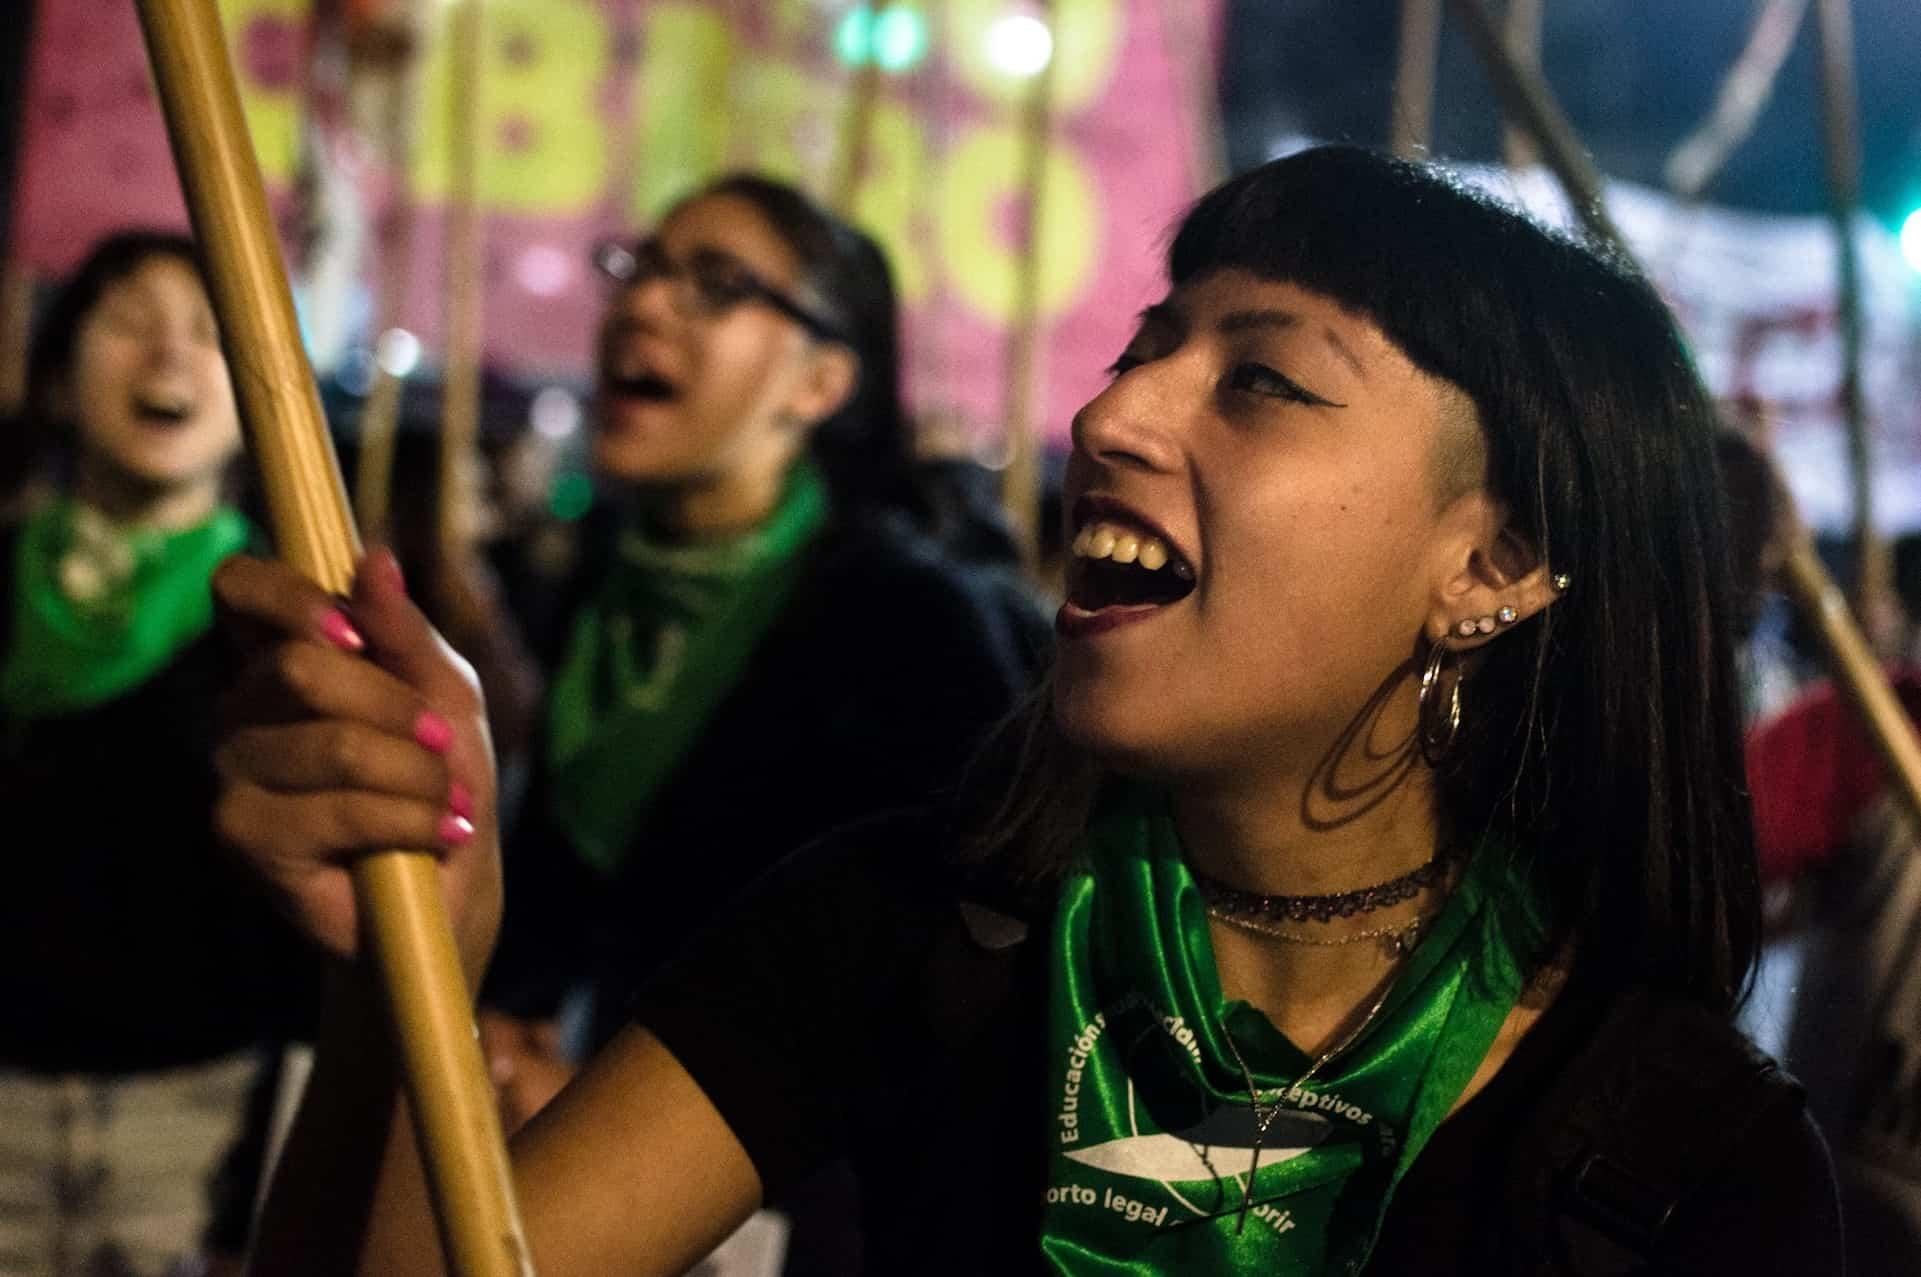 Demonstrantin für Abtreibung in Argentinien